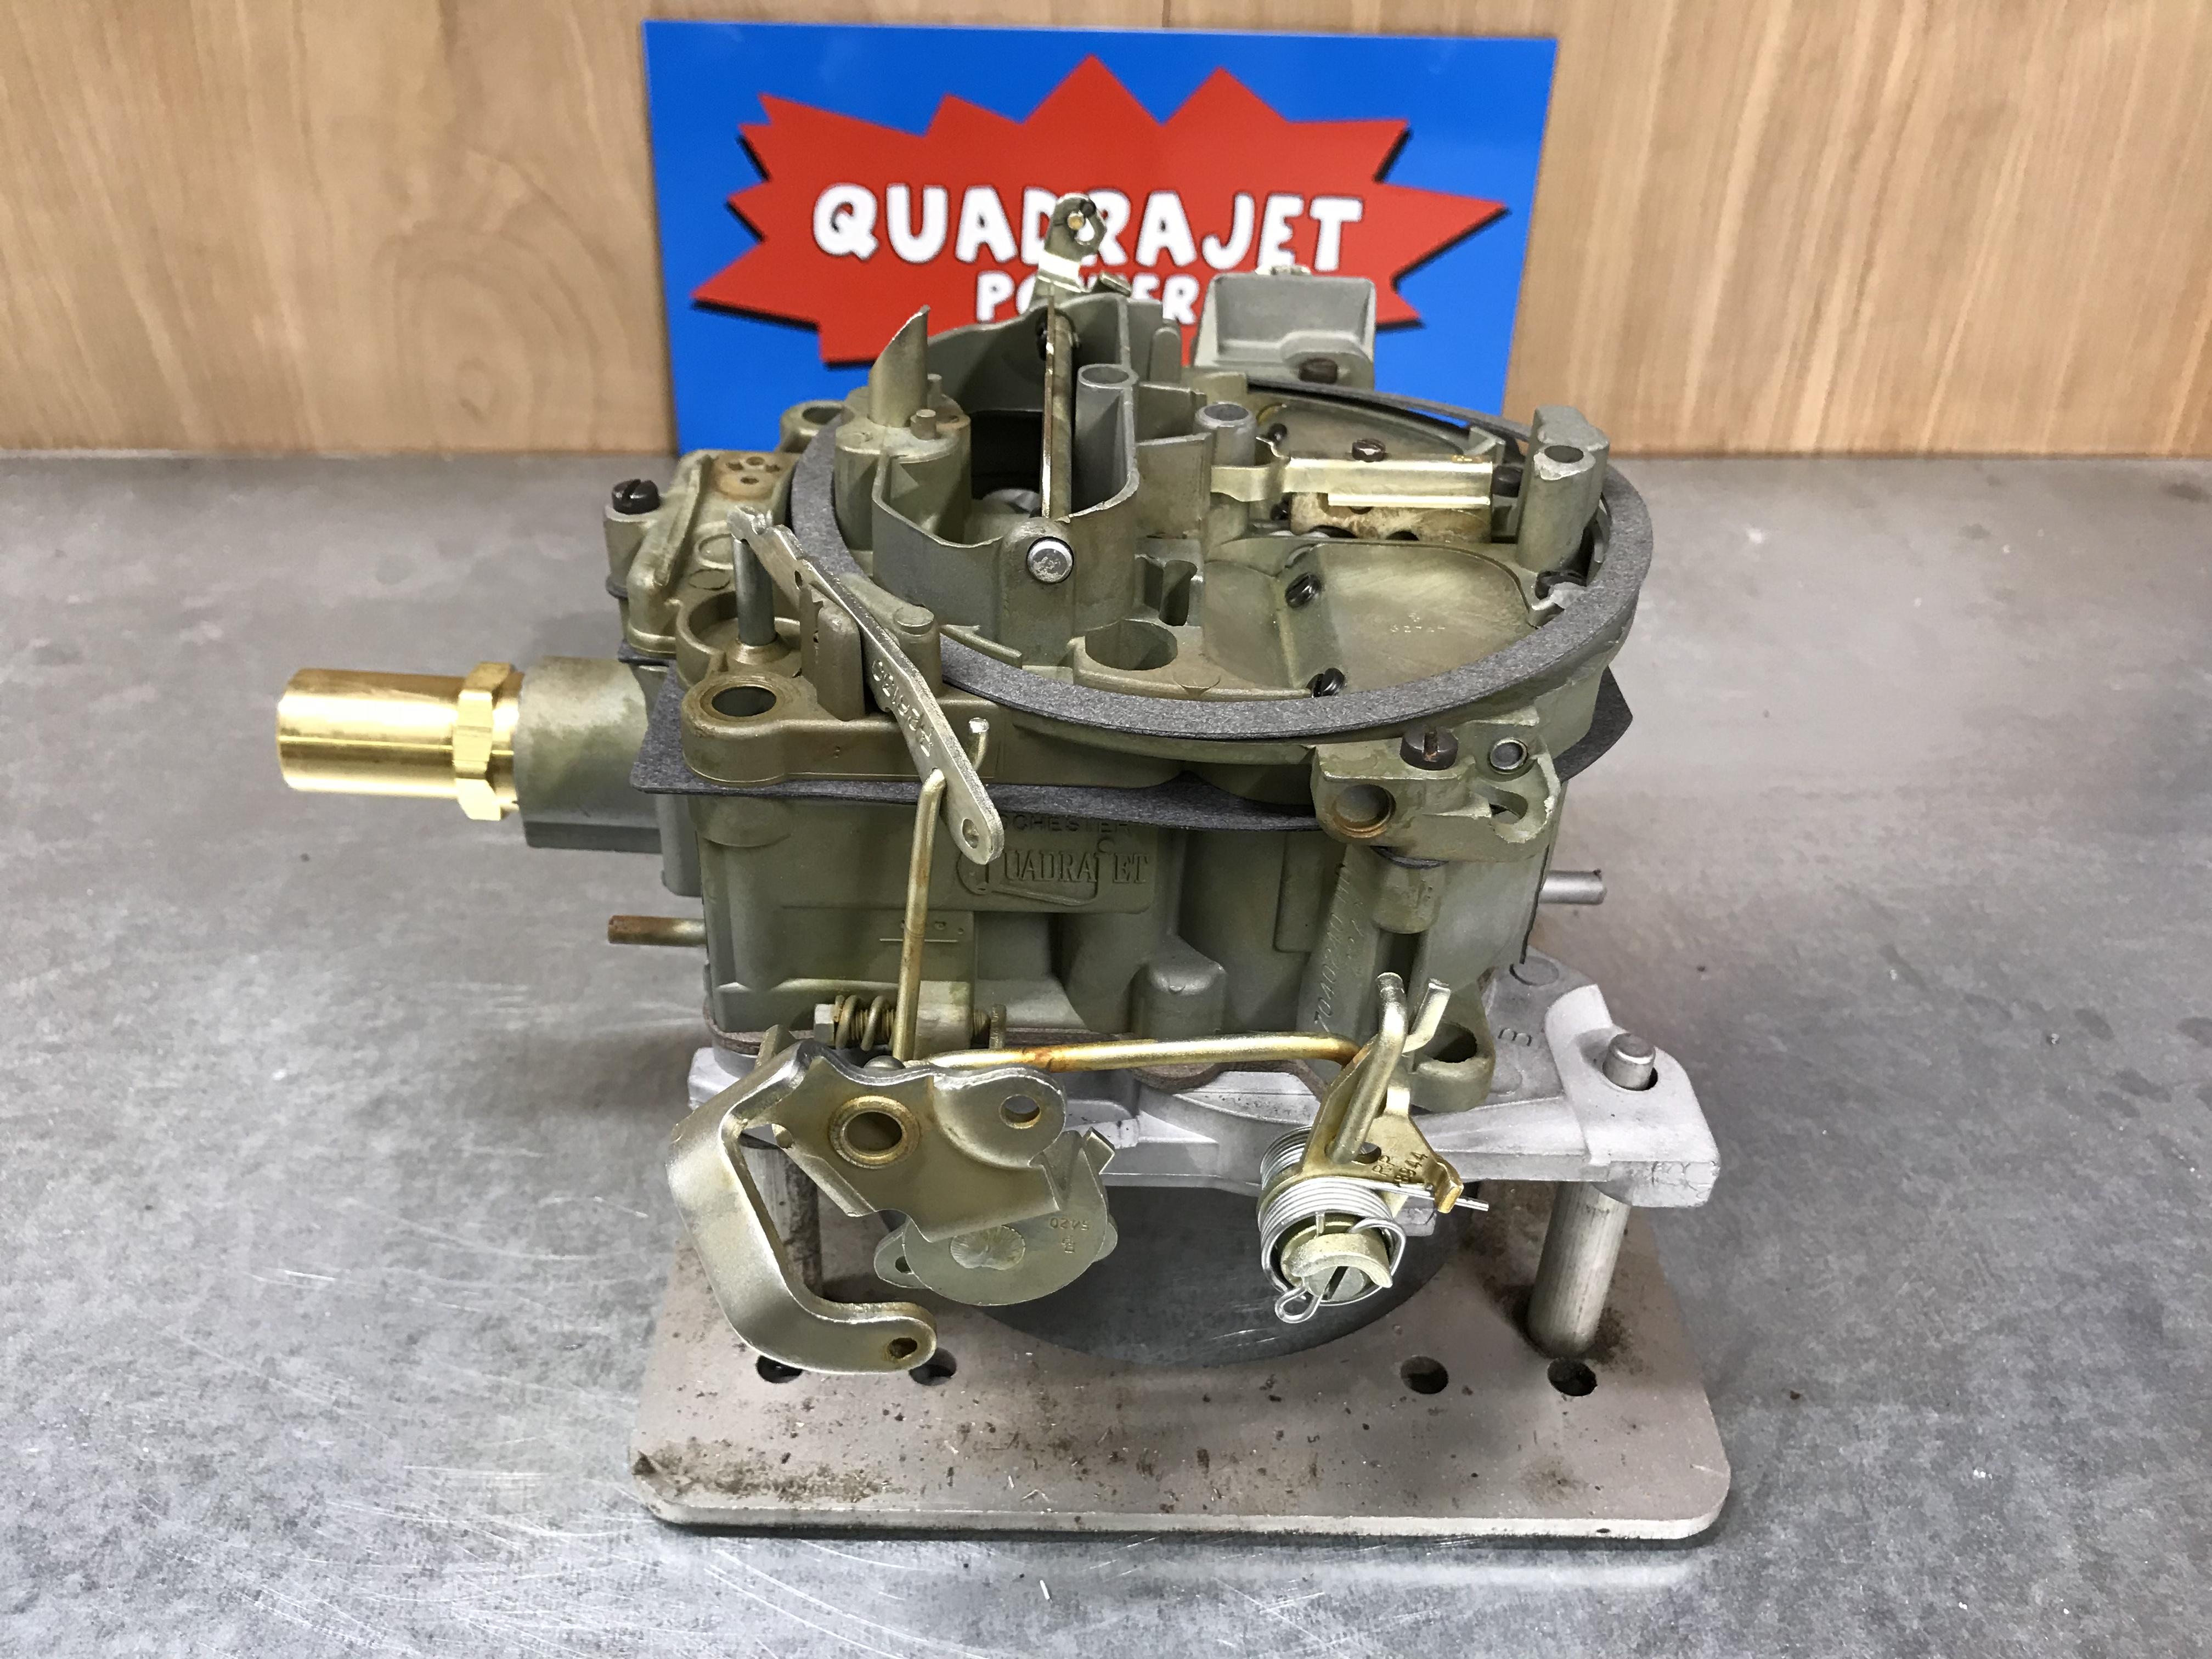 Quadrajet Power, Your One Stop Quadrajet Shop